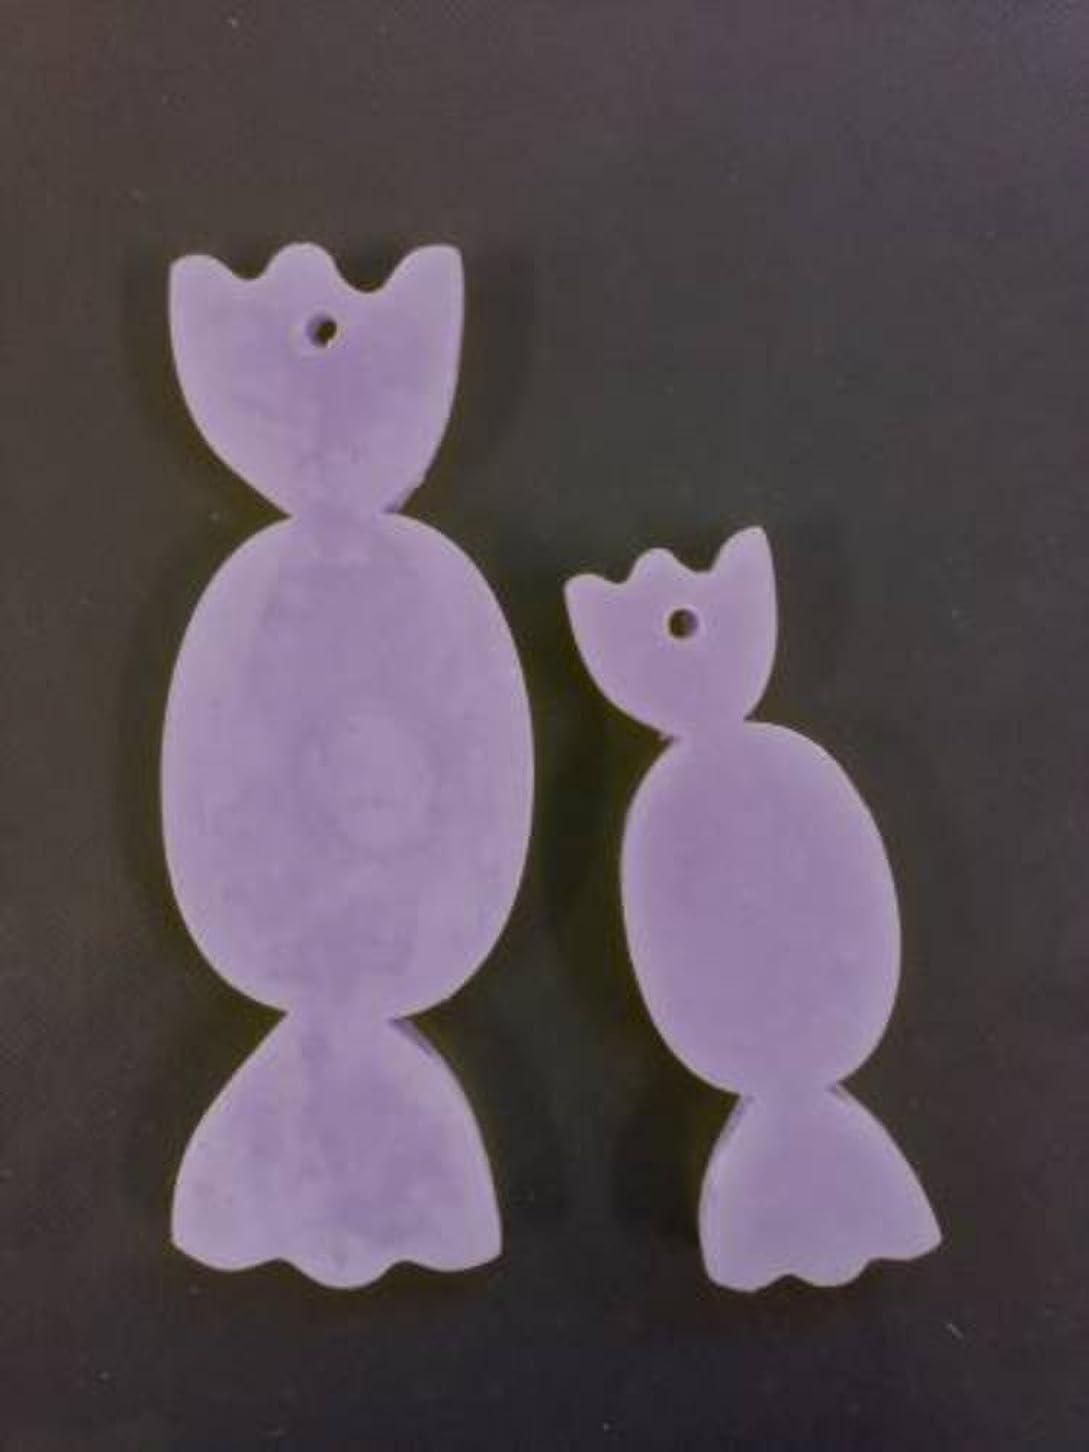 カード風刺何でもGRASSE TOKYO AROMATICWAXチャーム「あめだま2個」(PU) ラベンダー アロマティックワックス グラーストウキョウ